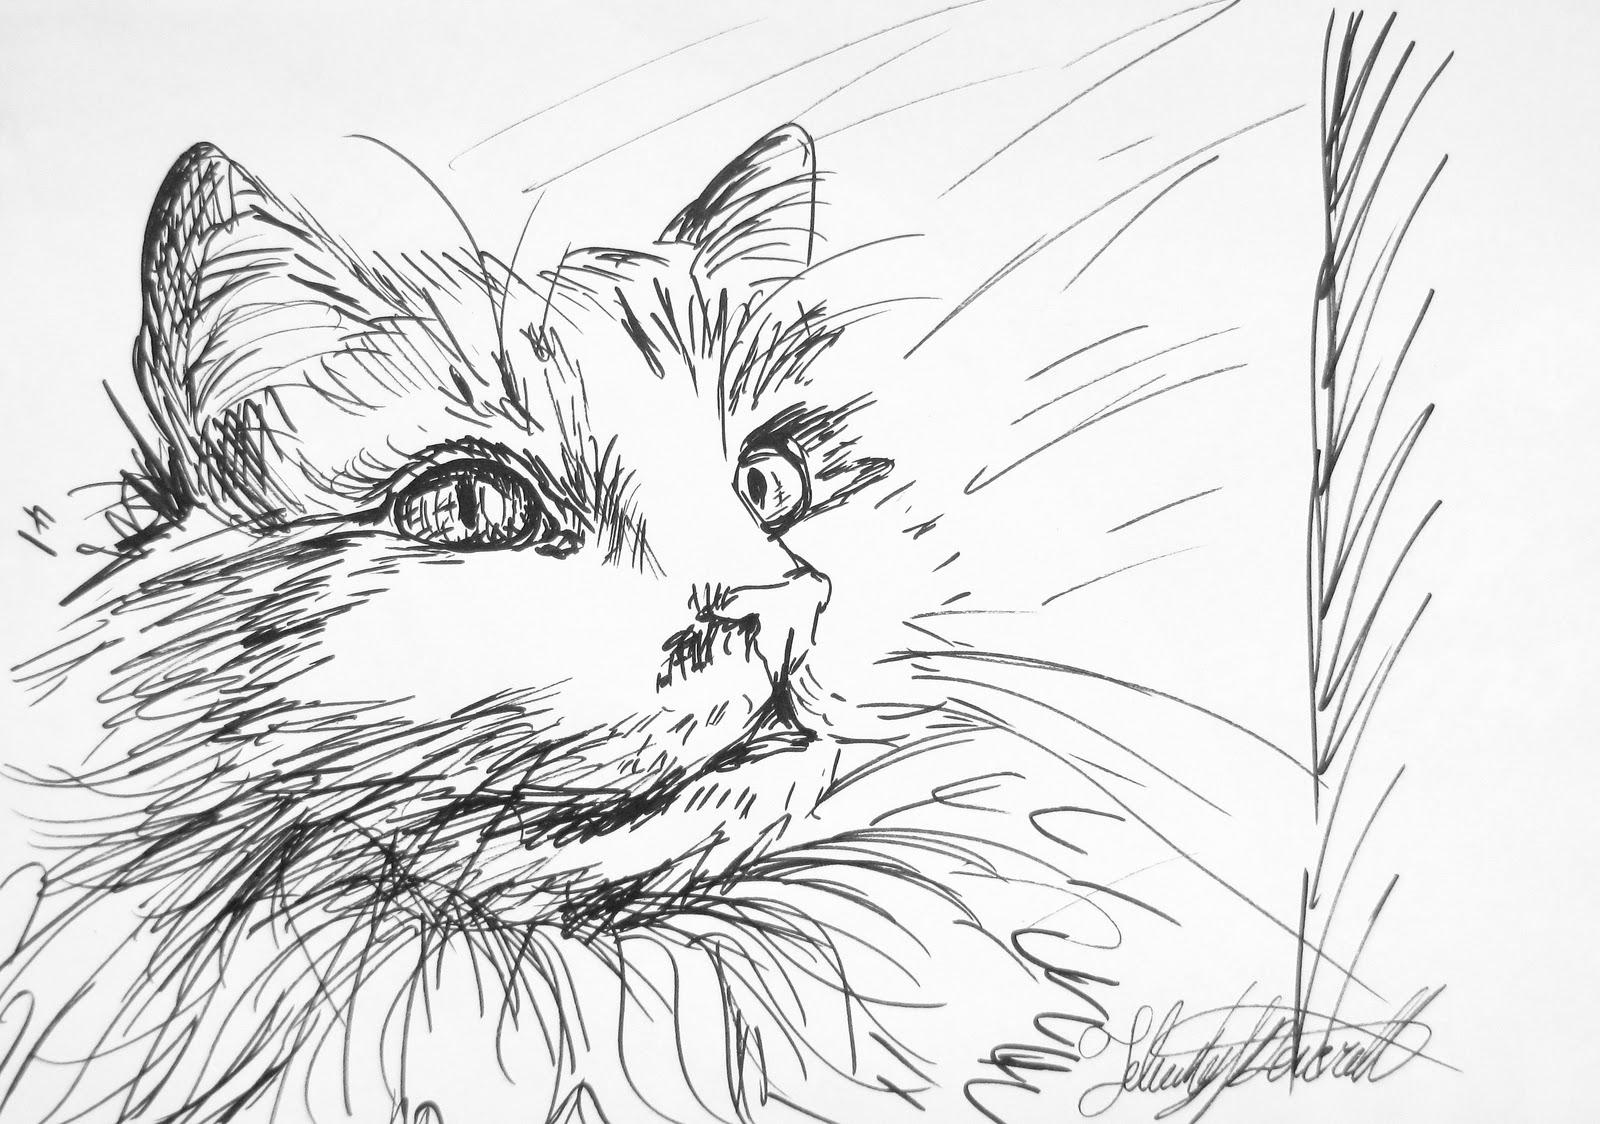 Felicity Deverell Ink Pen Sketches 41 44